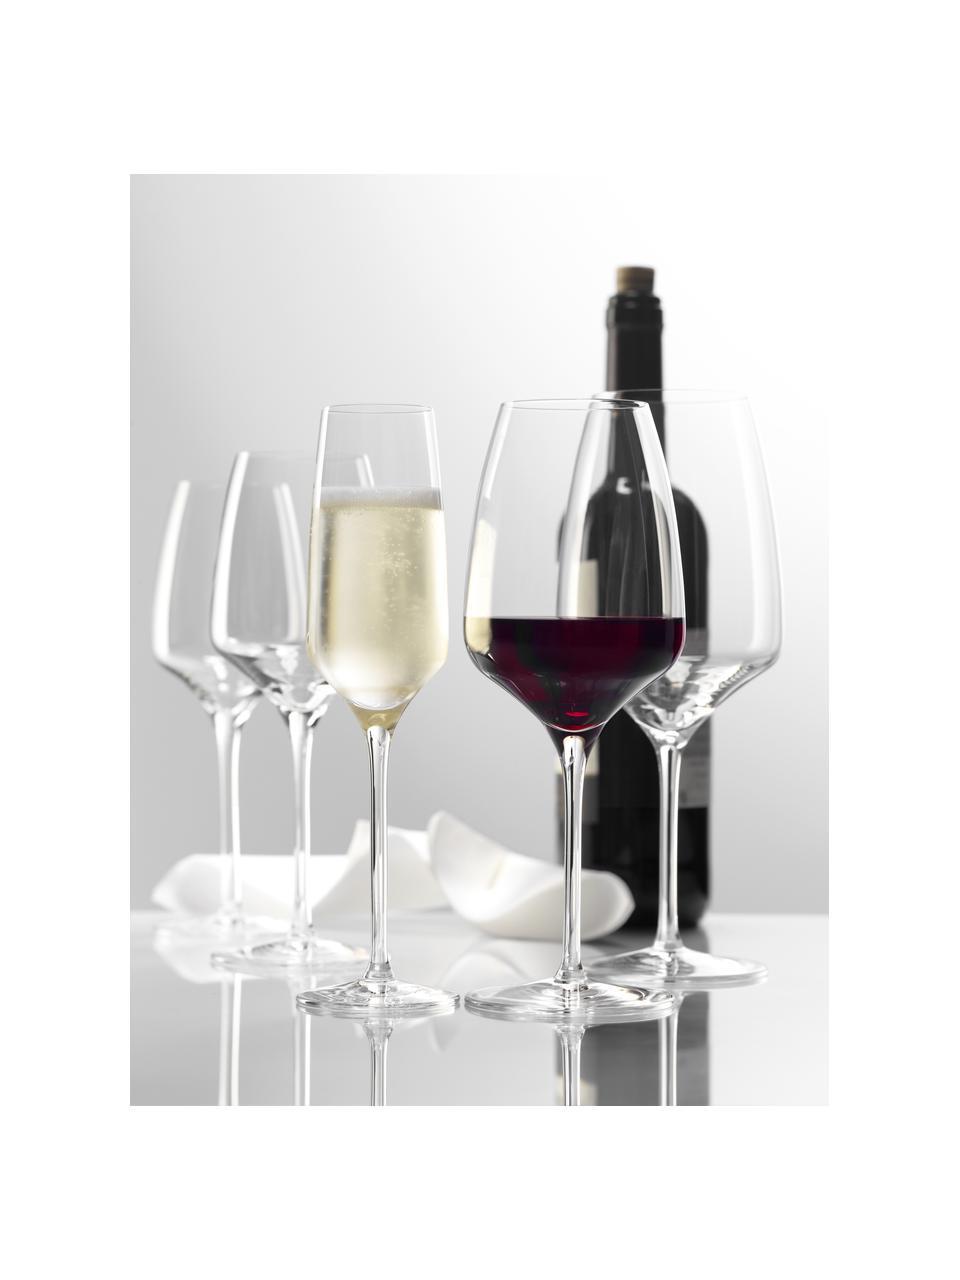 Flute champagne in cristallo Experience 6 pz, Cristallo, Trasparente, Ø 6 x Alt. 22 cm